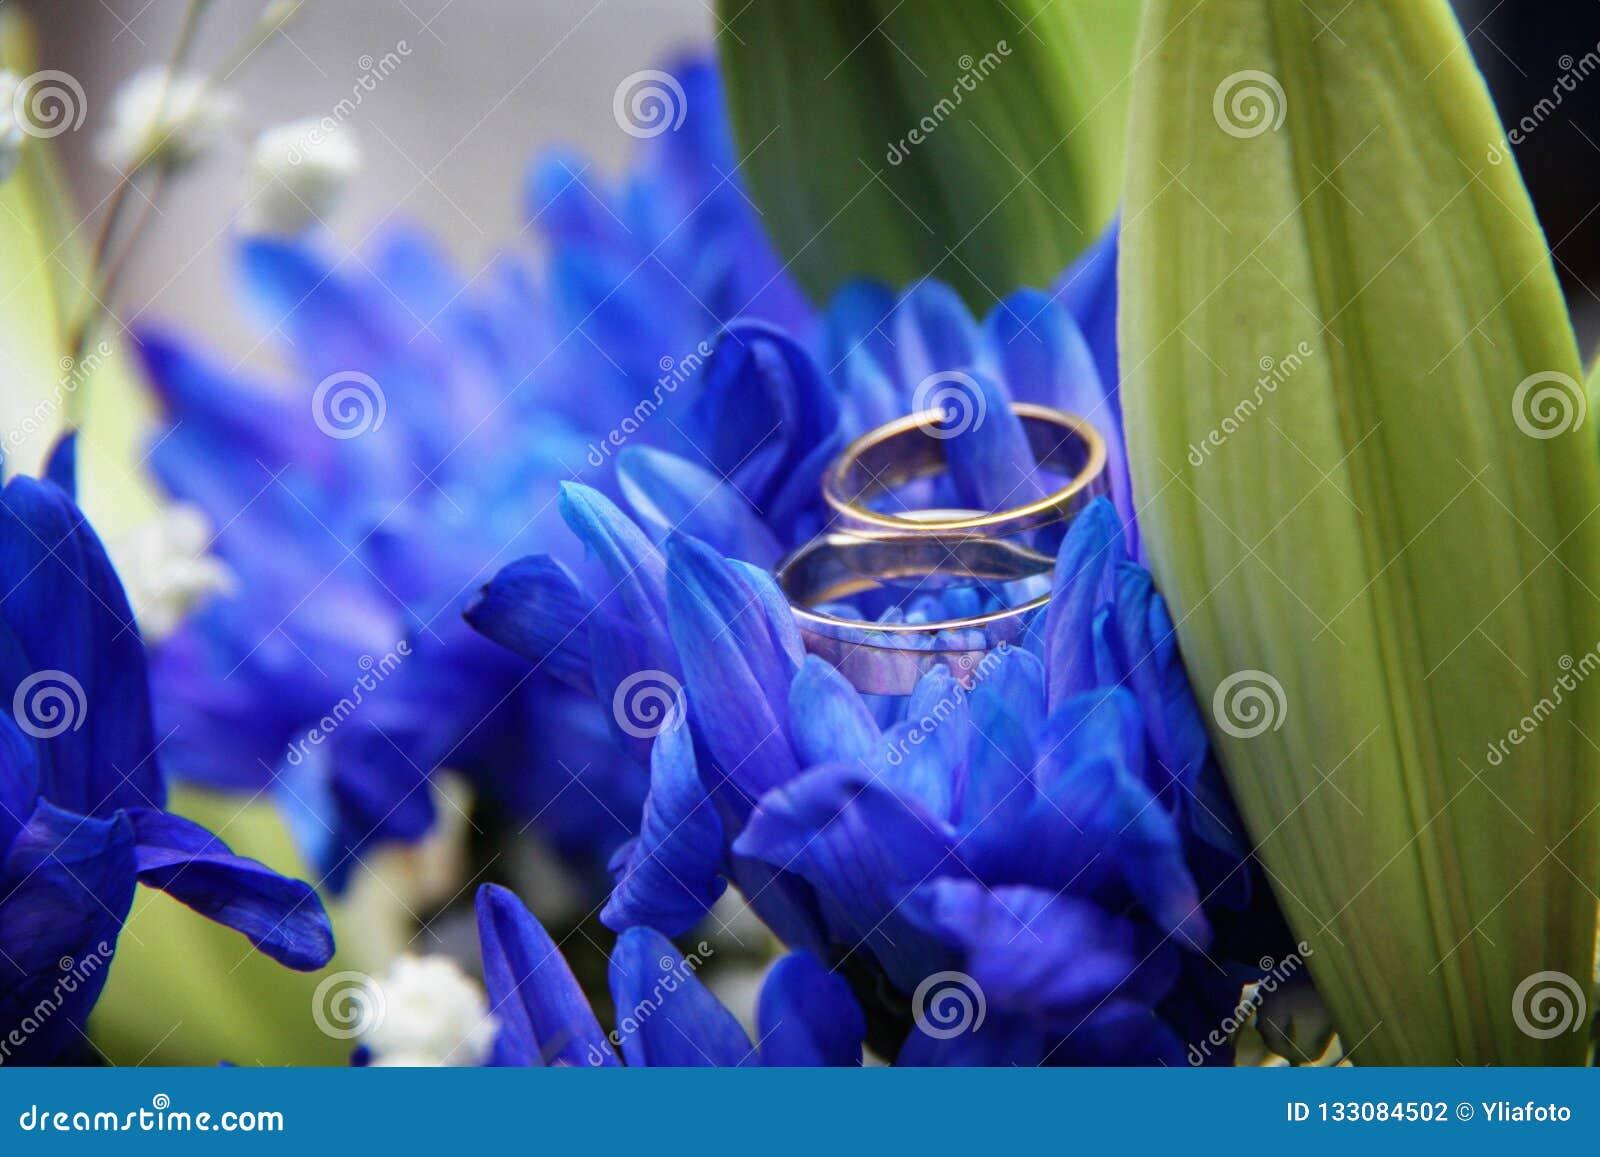 Γαμήλια δαχτυλίδια σε ένα μπλε